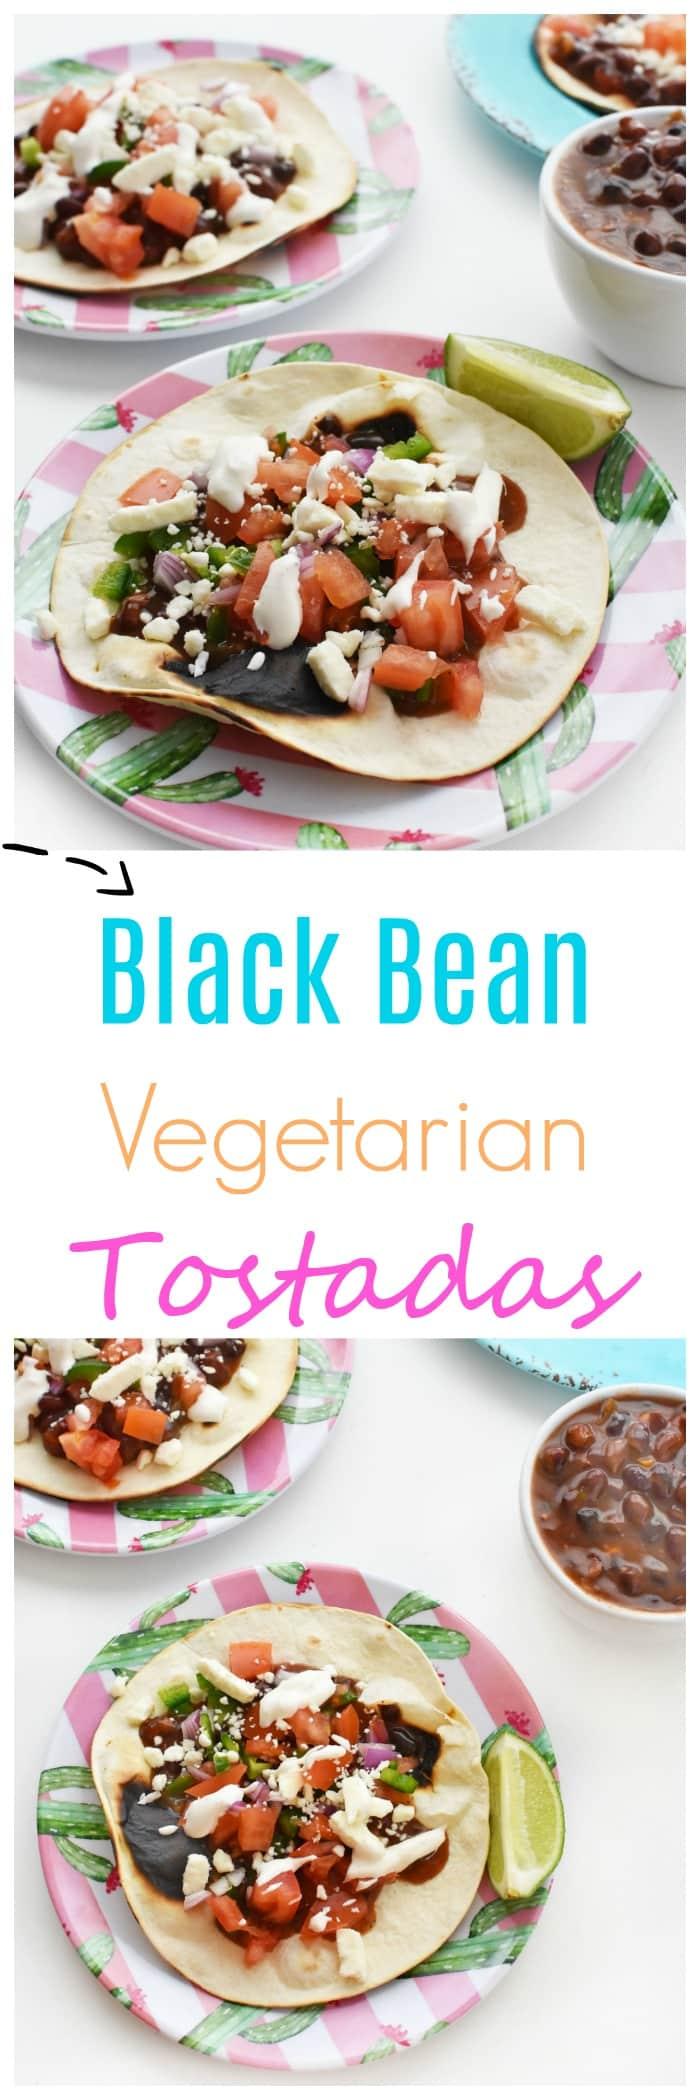 10 Minute Black Bean Tostadas Recipe on cactus plates